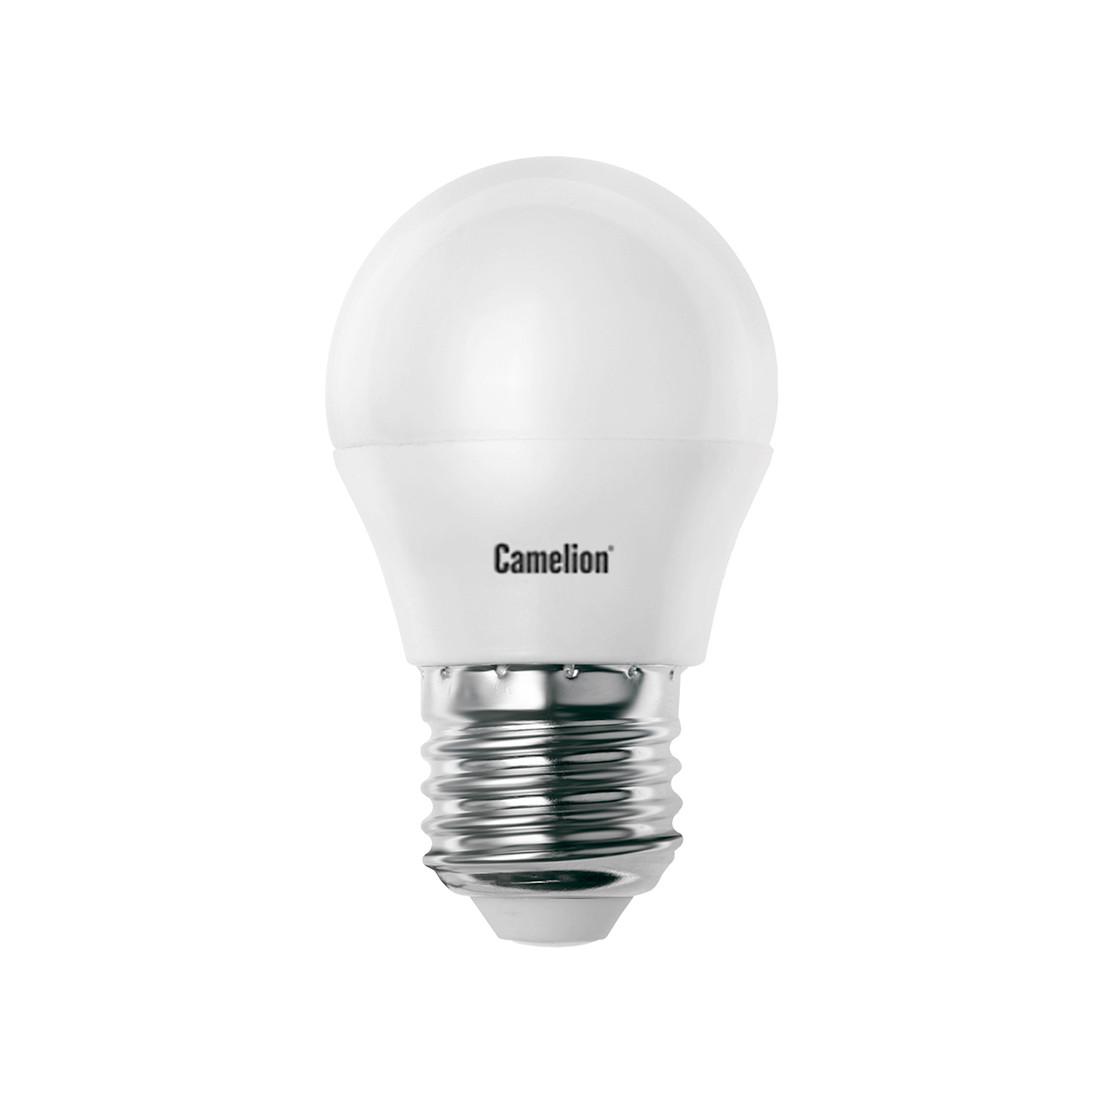 Эл. лампа светодиодная Camelion G45/4500К/E27/7Вт, Холодный